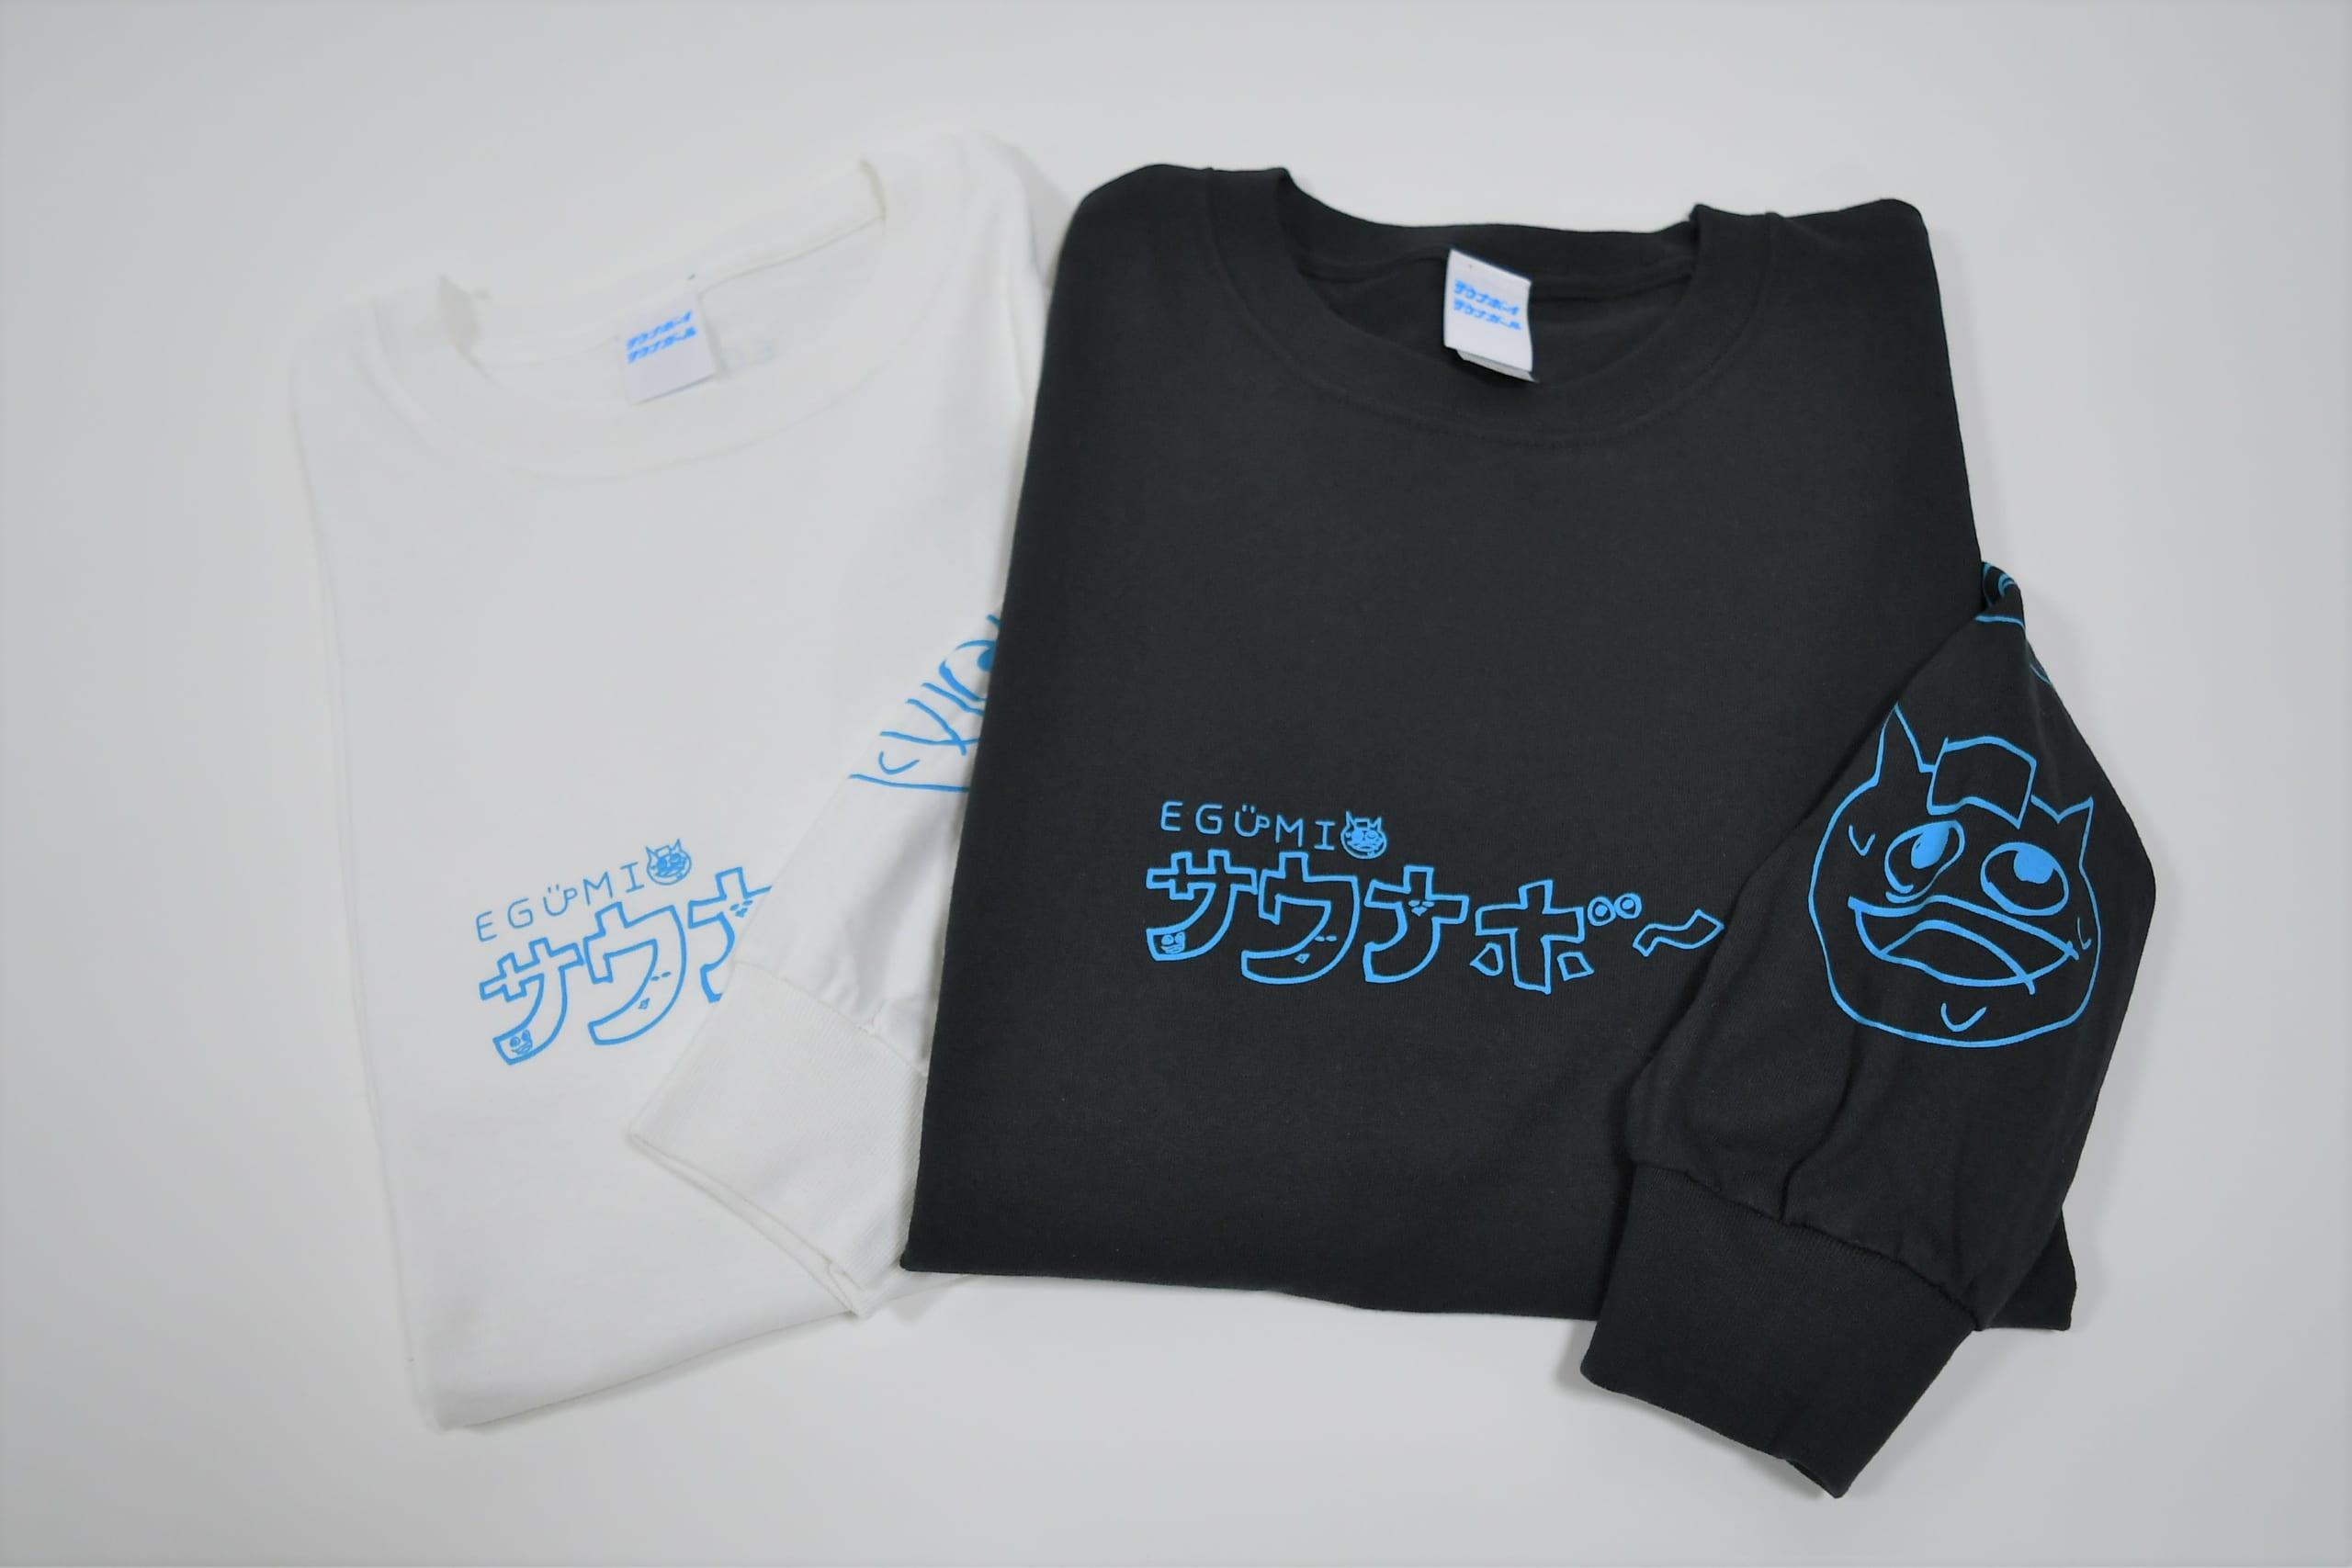 イベント「KOE TAKALAKA」で販売される江口拓也さん・木村良平さんらのコラボアイテムが解禁!